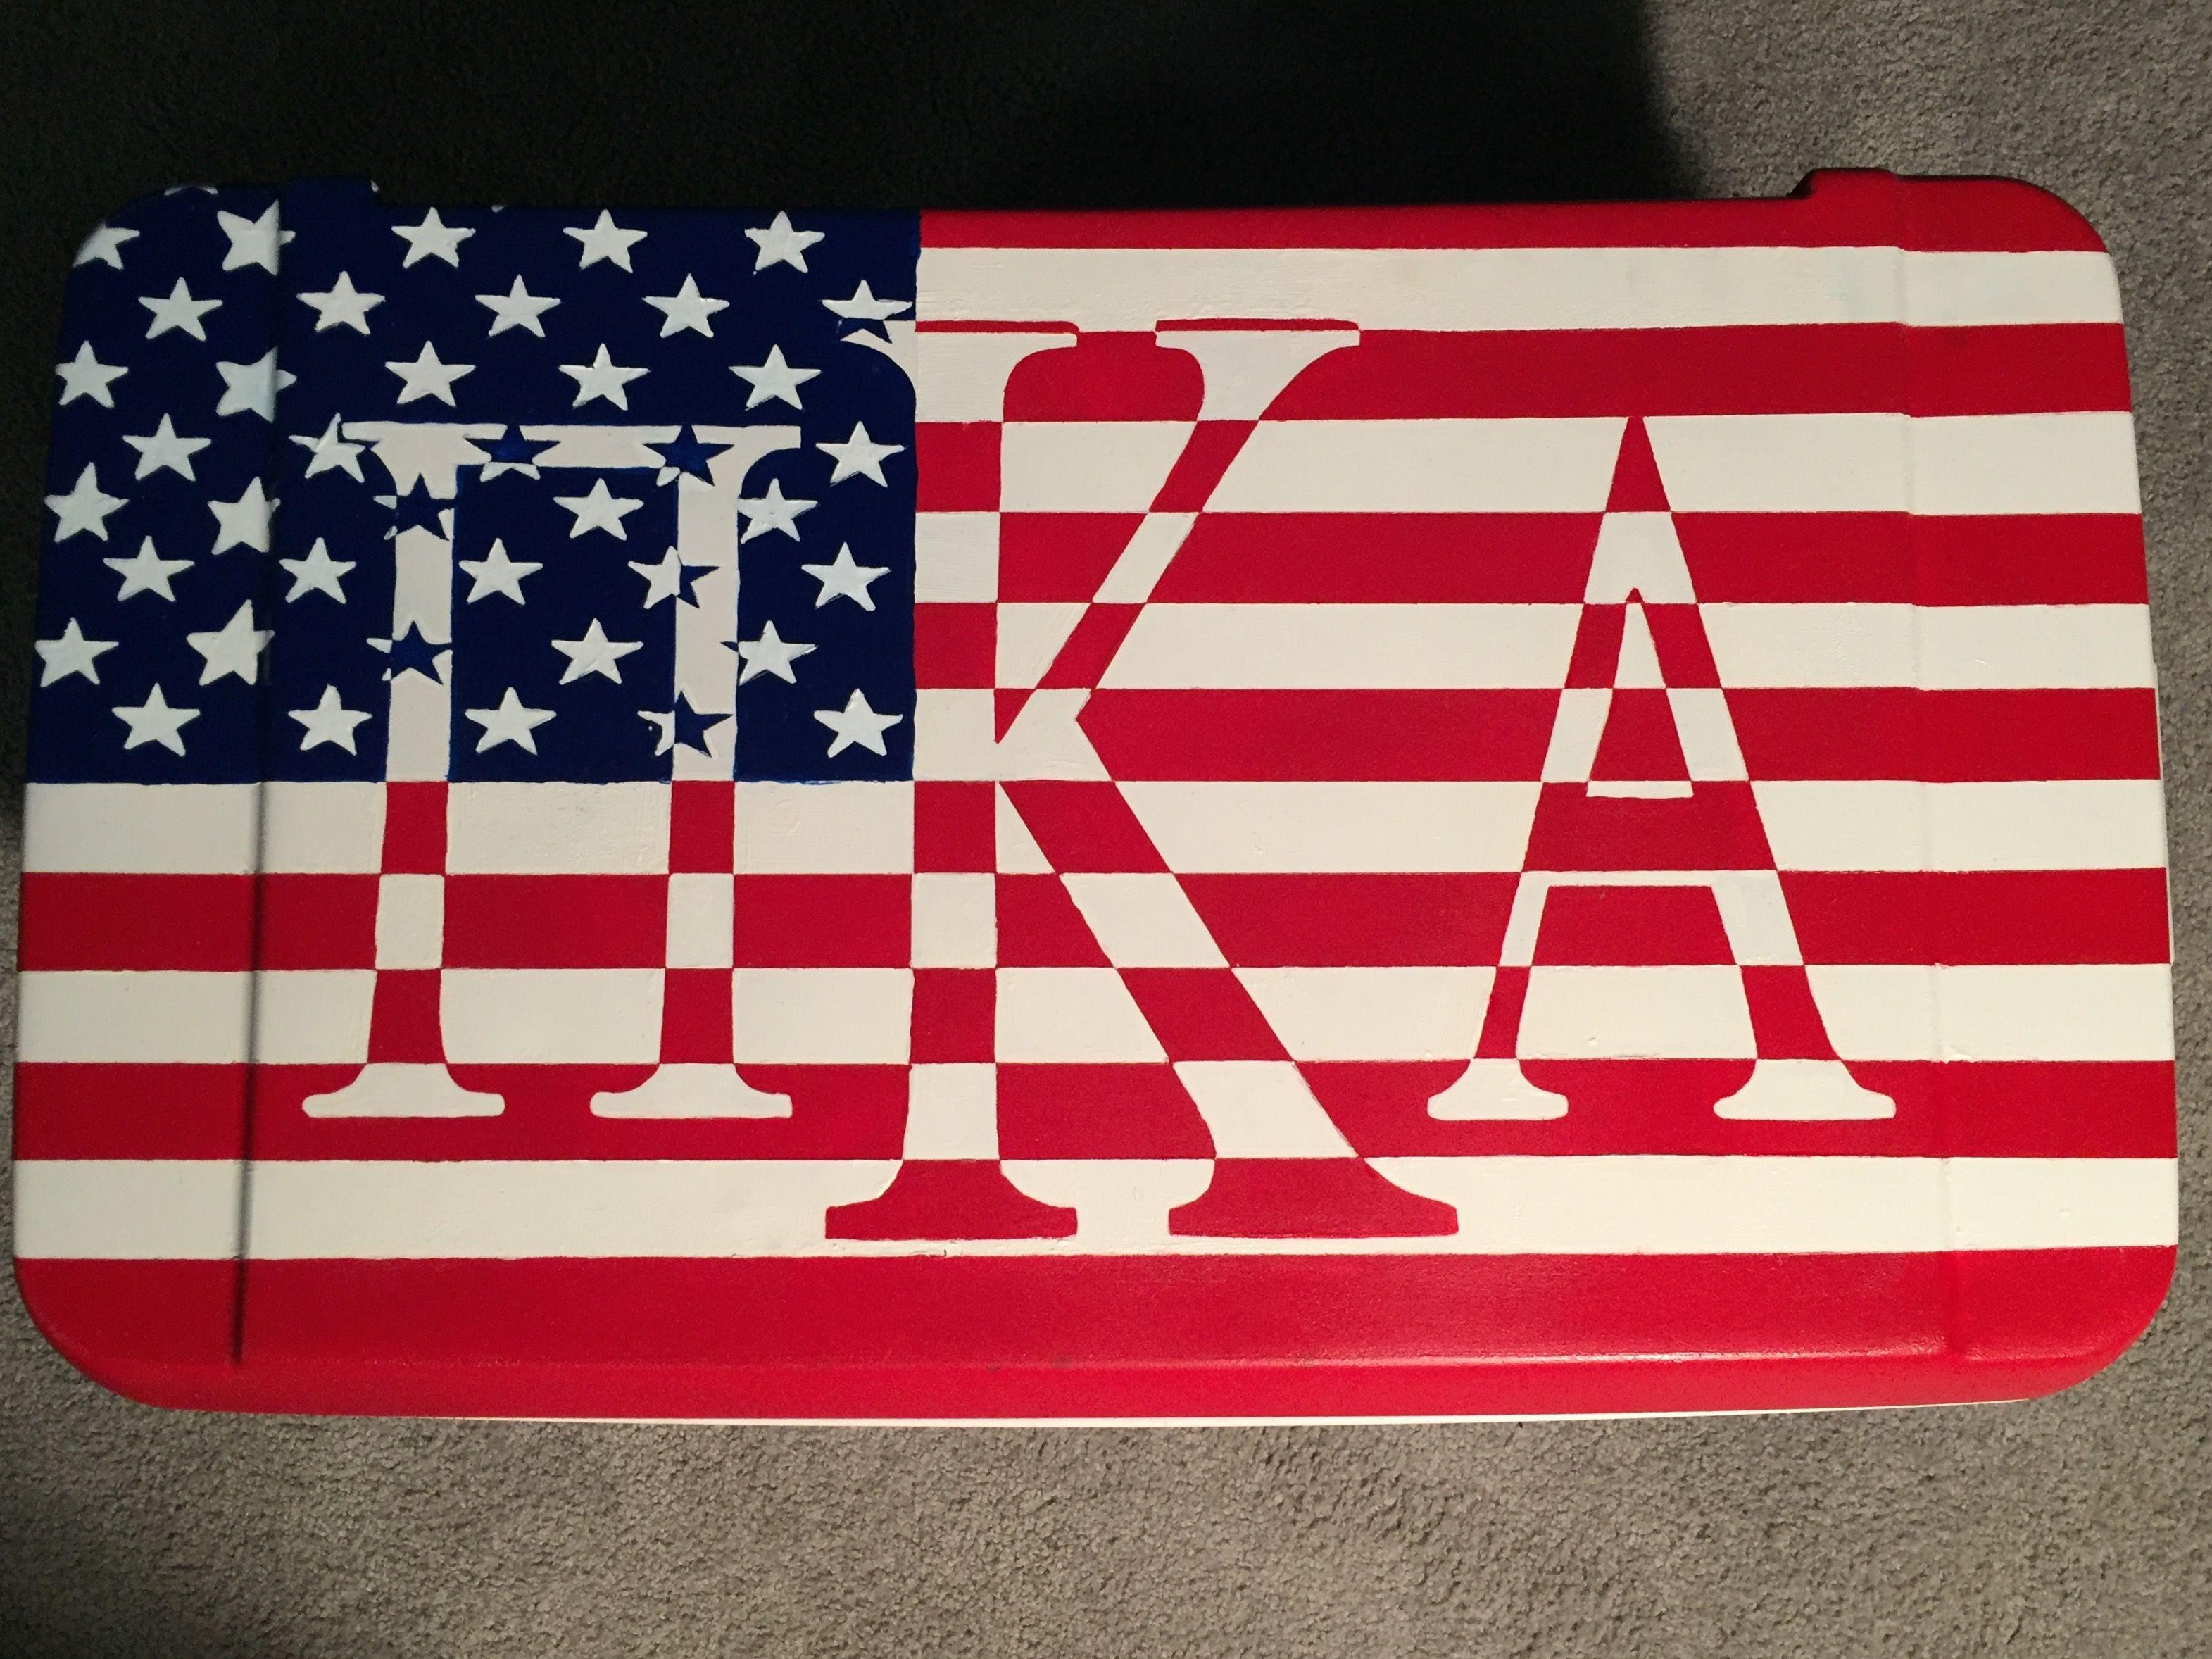 American flag pi kappa alpha fraternity cooler kaydee pinterest american flag pi kappa alpha fraternity cooler voltagebd Gallery